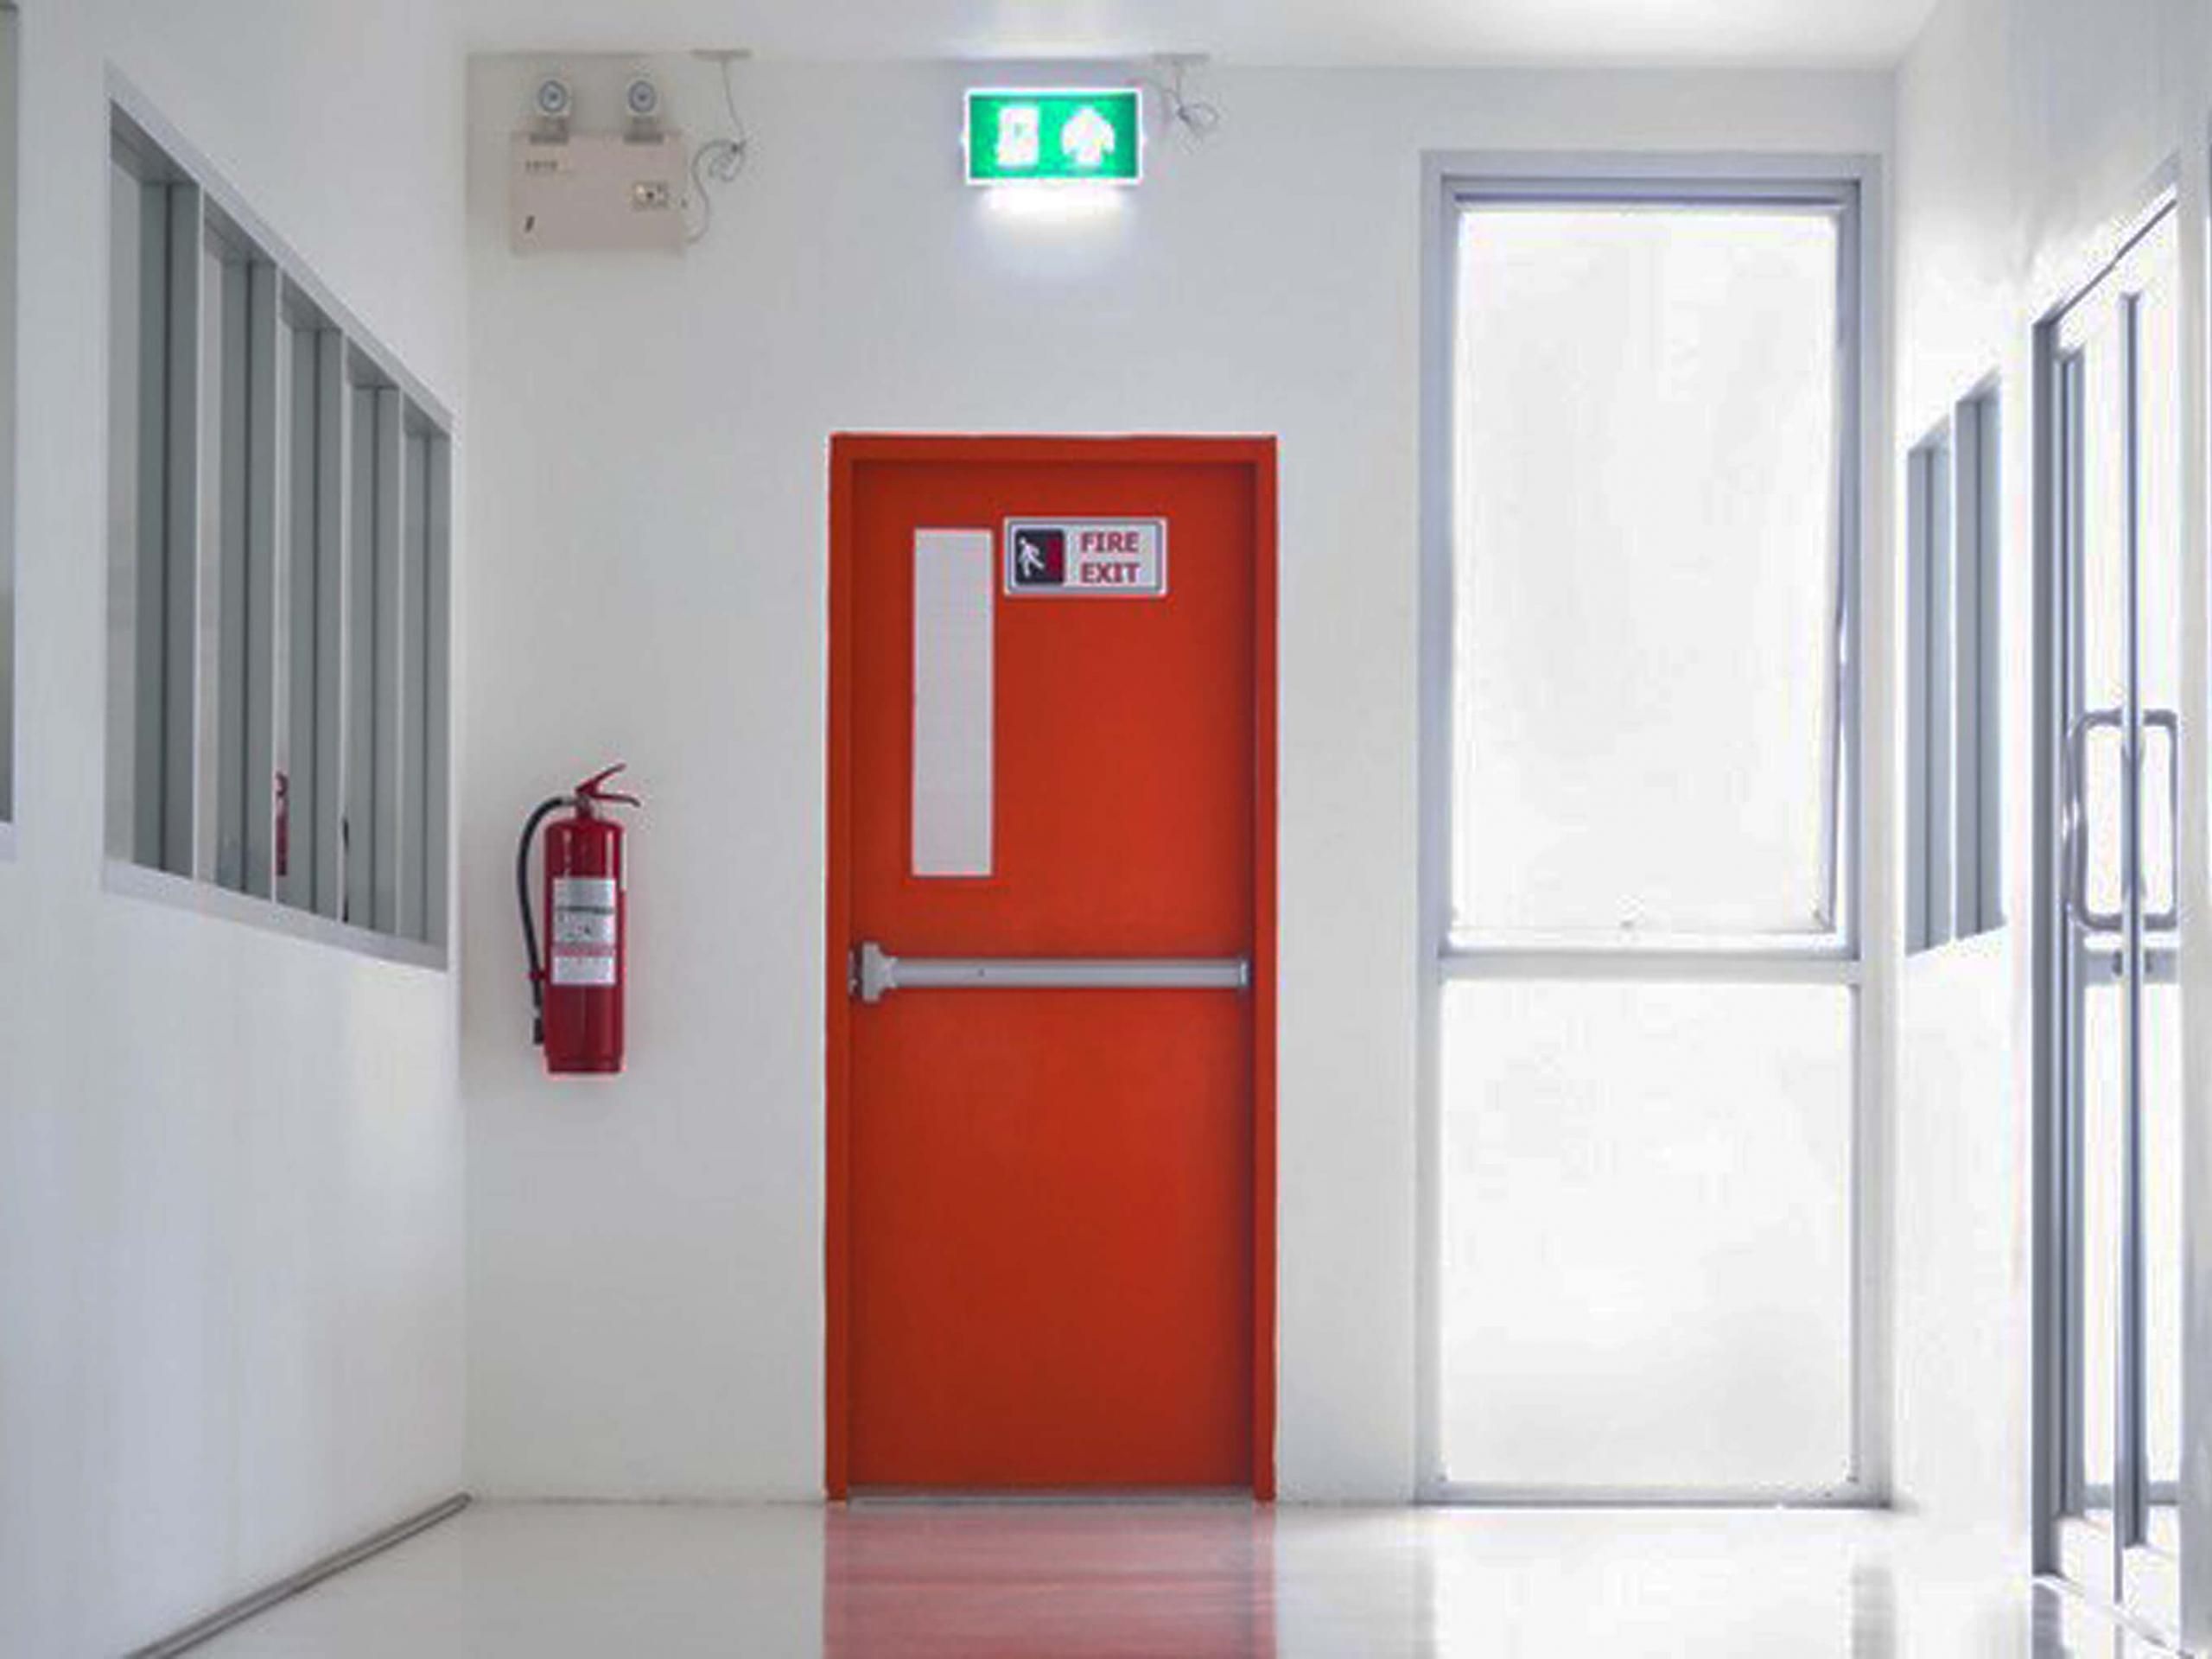 Cửa chống cháy thoát hiểm được sử dụng rất phổ biến